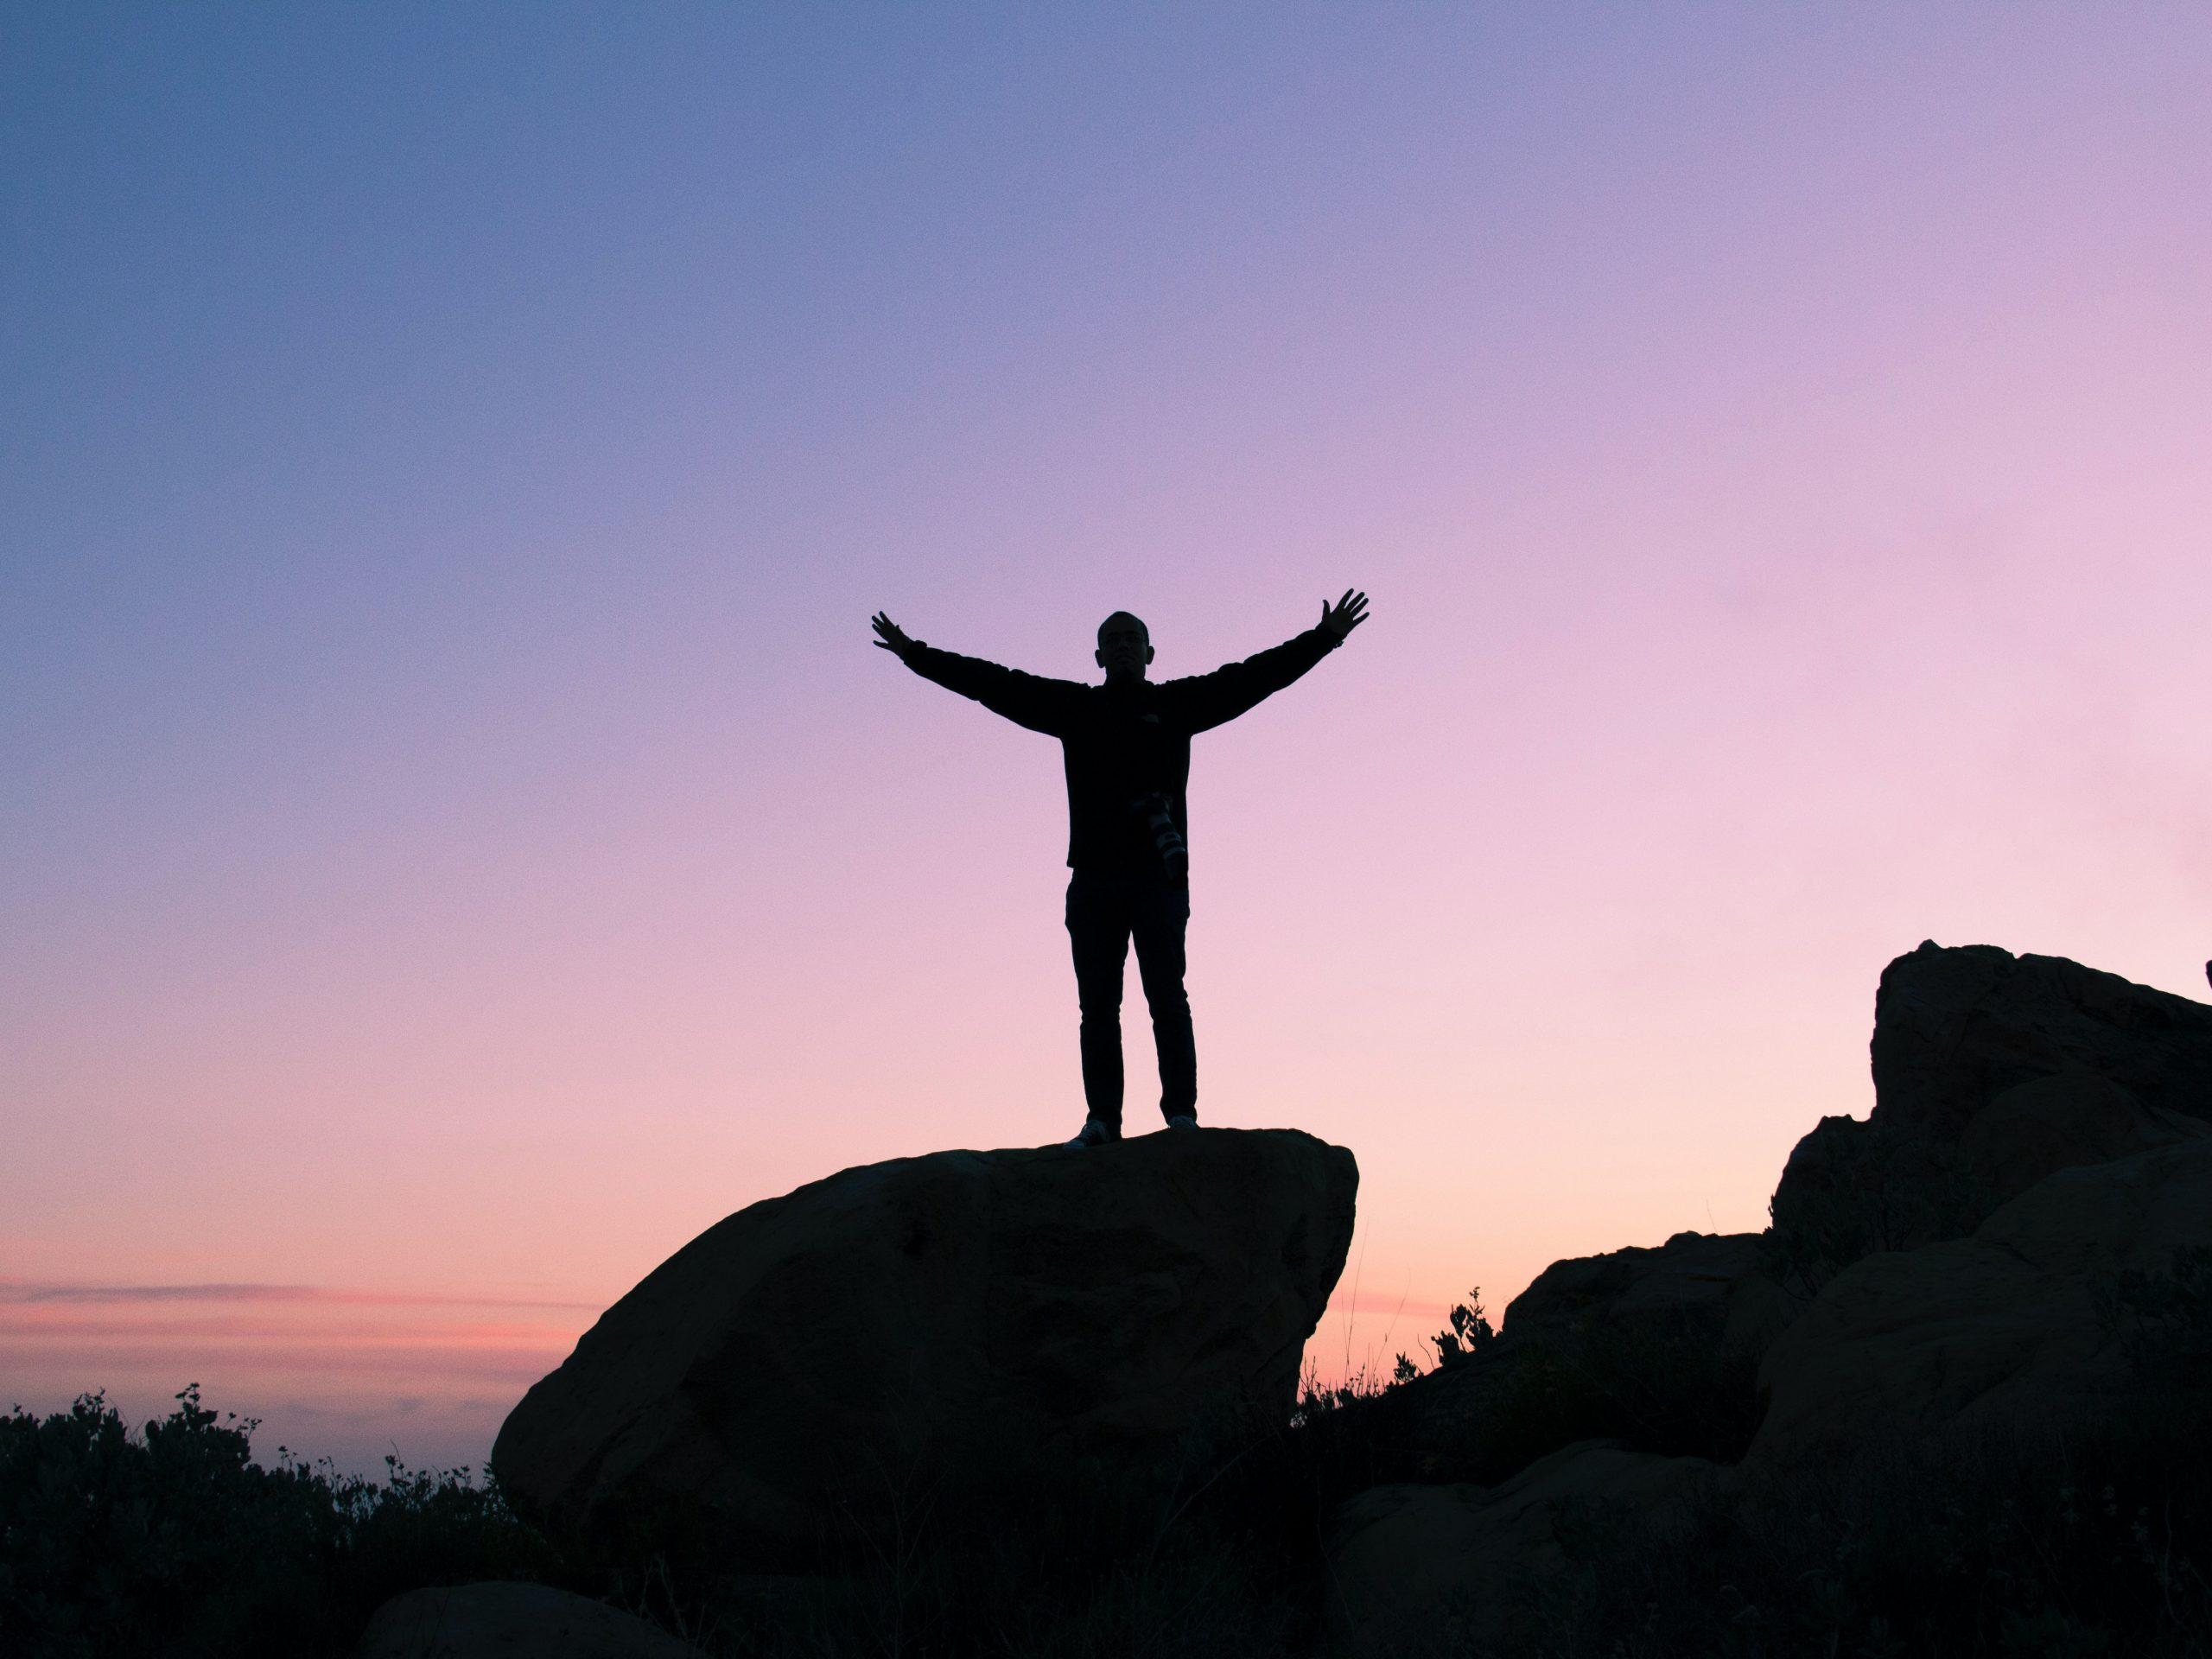 Co to jest szczęście w życiu? Oto porady jak być szczęśliwym